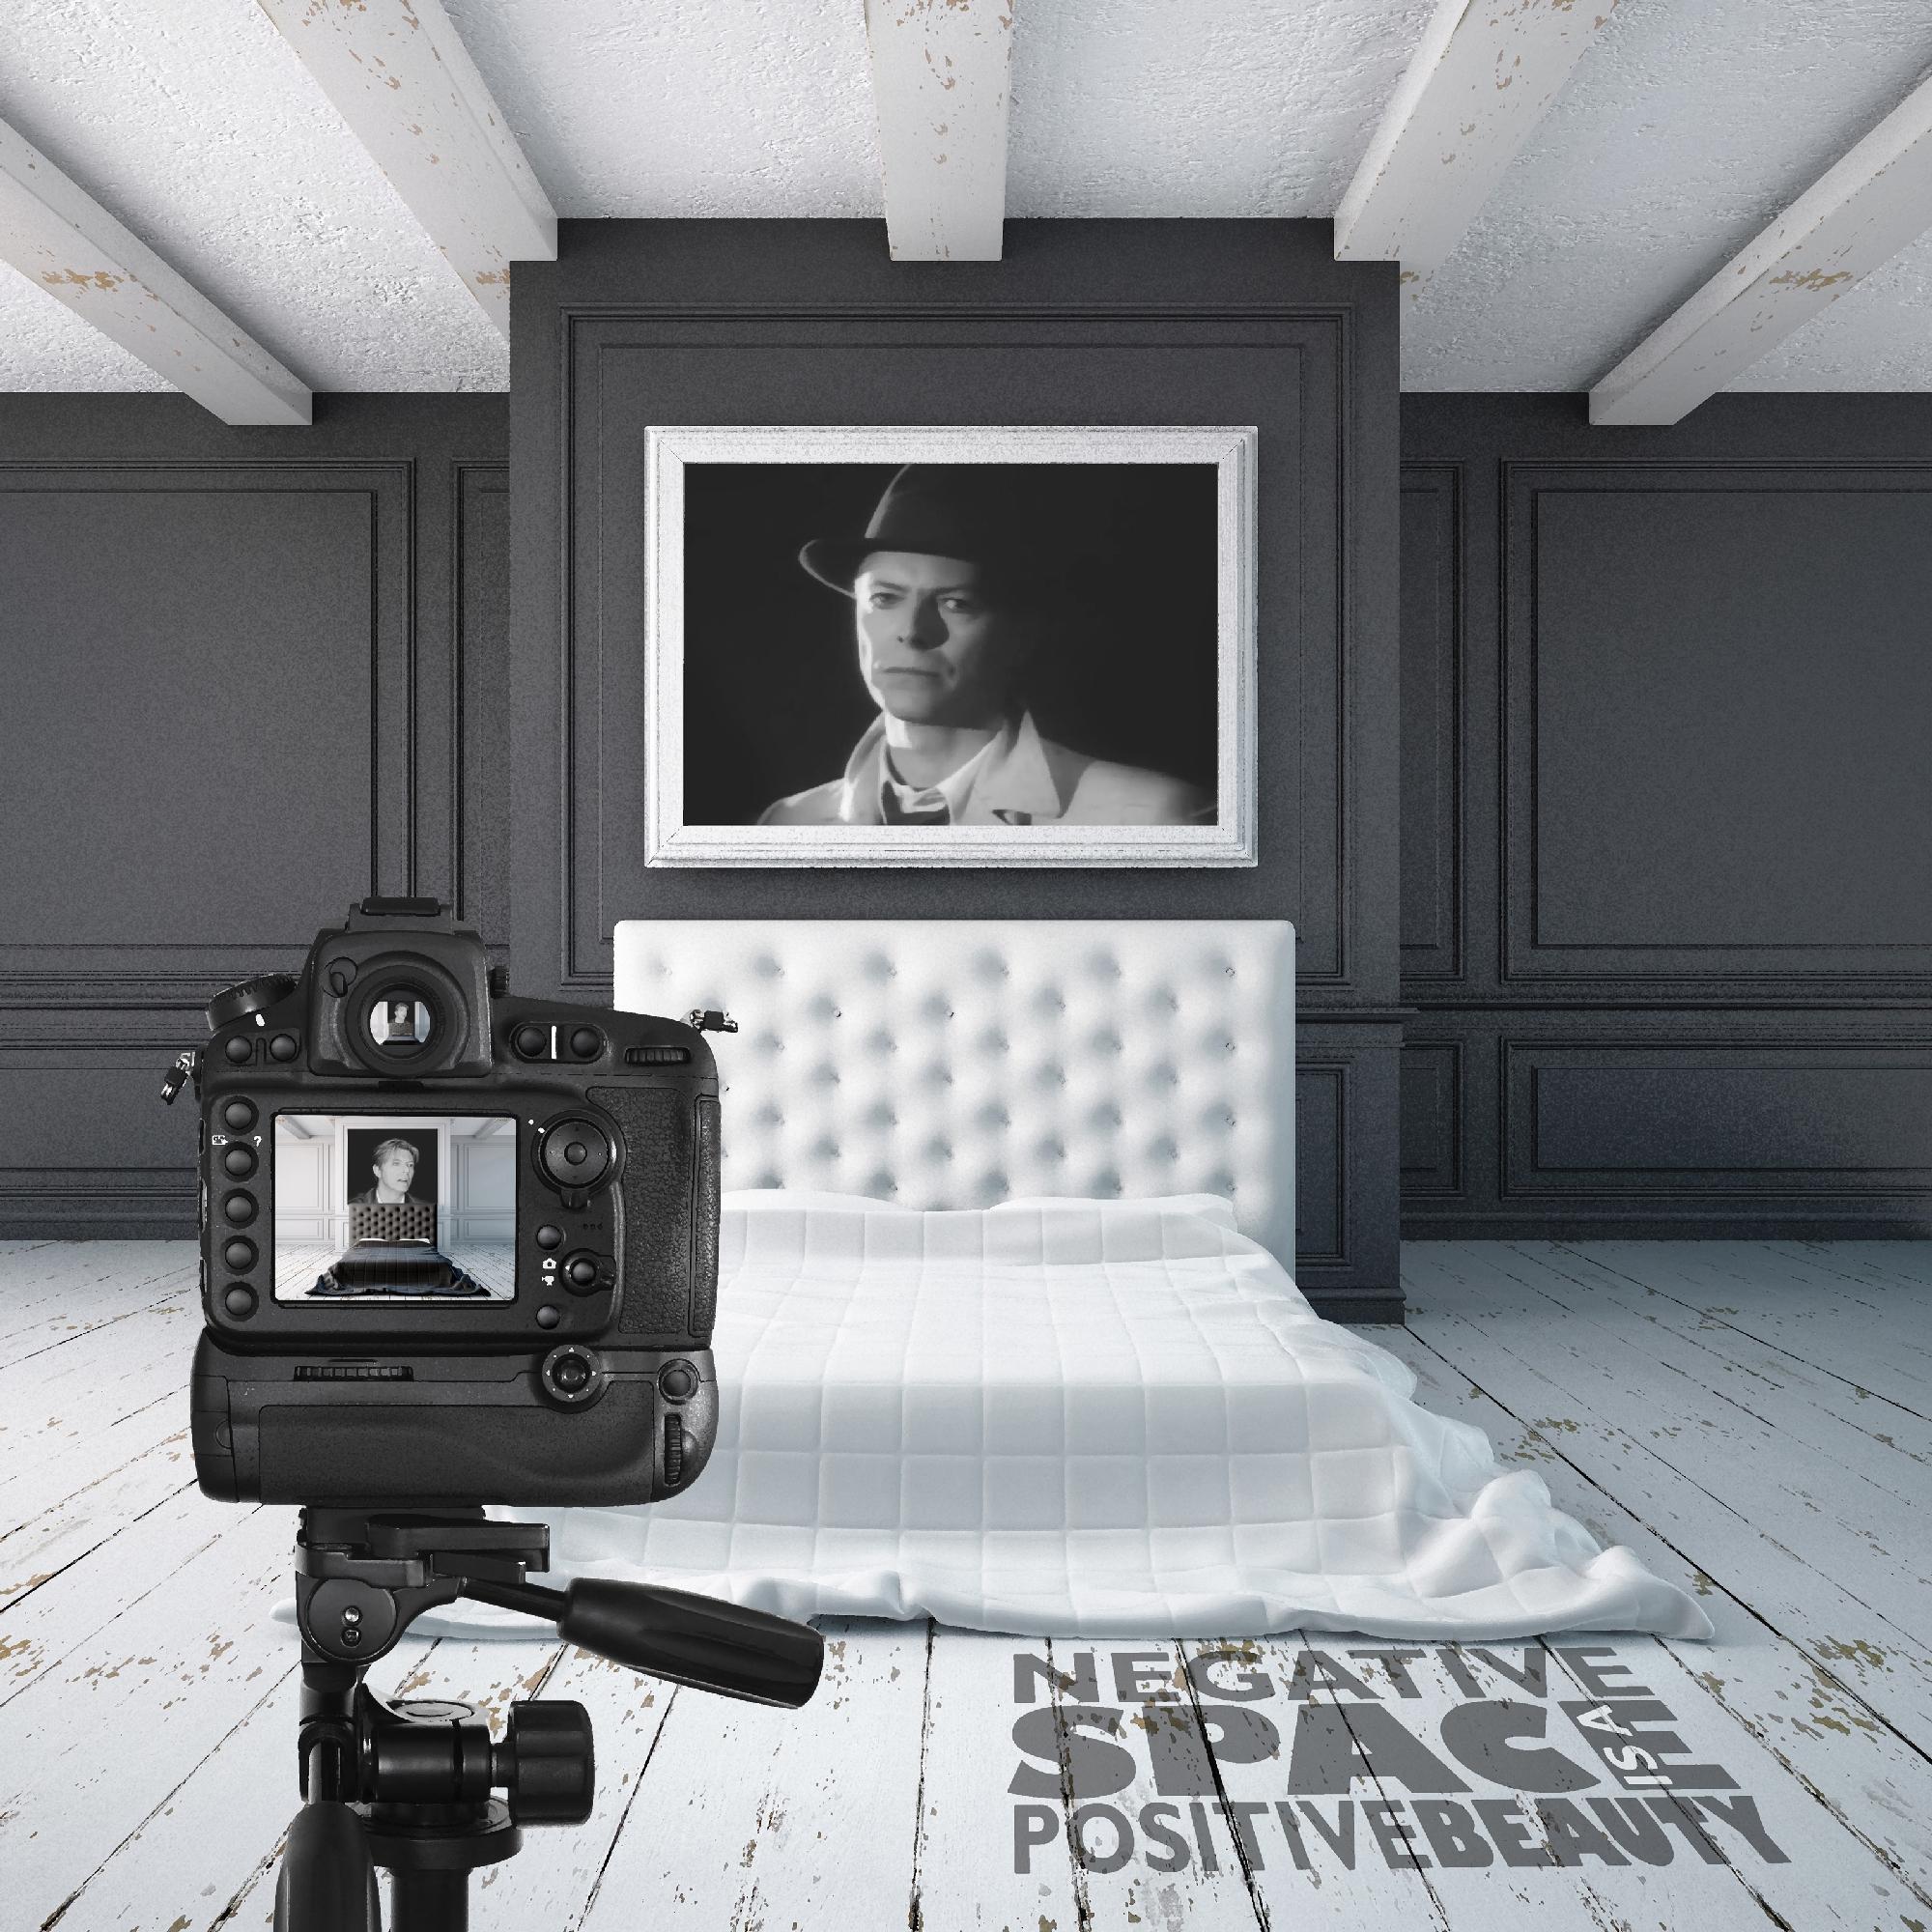 David Bowie Art Creation by Steve Stachini - Negative Space 54cm x 54cm